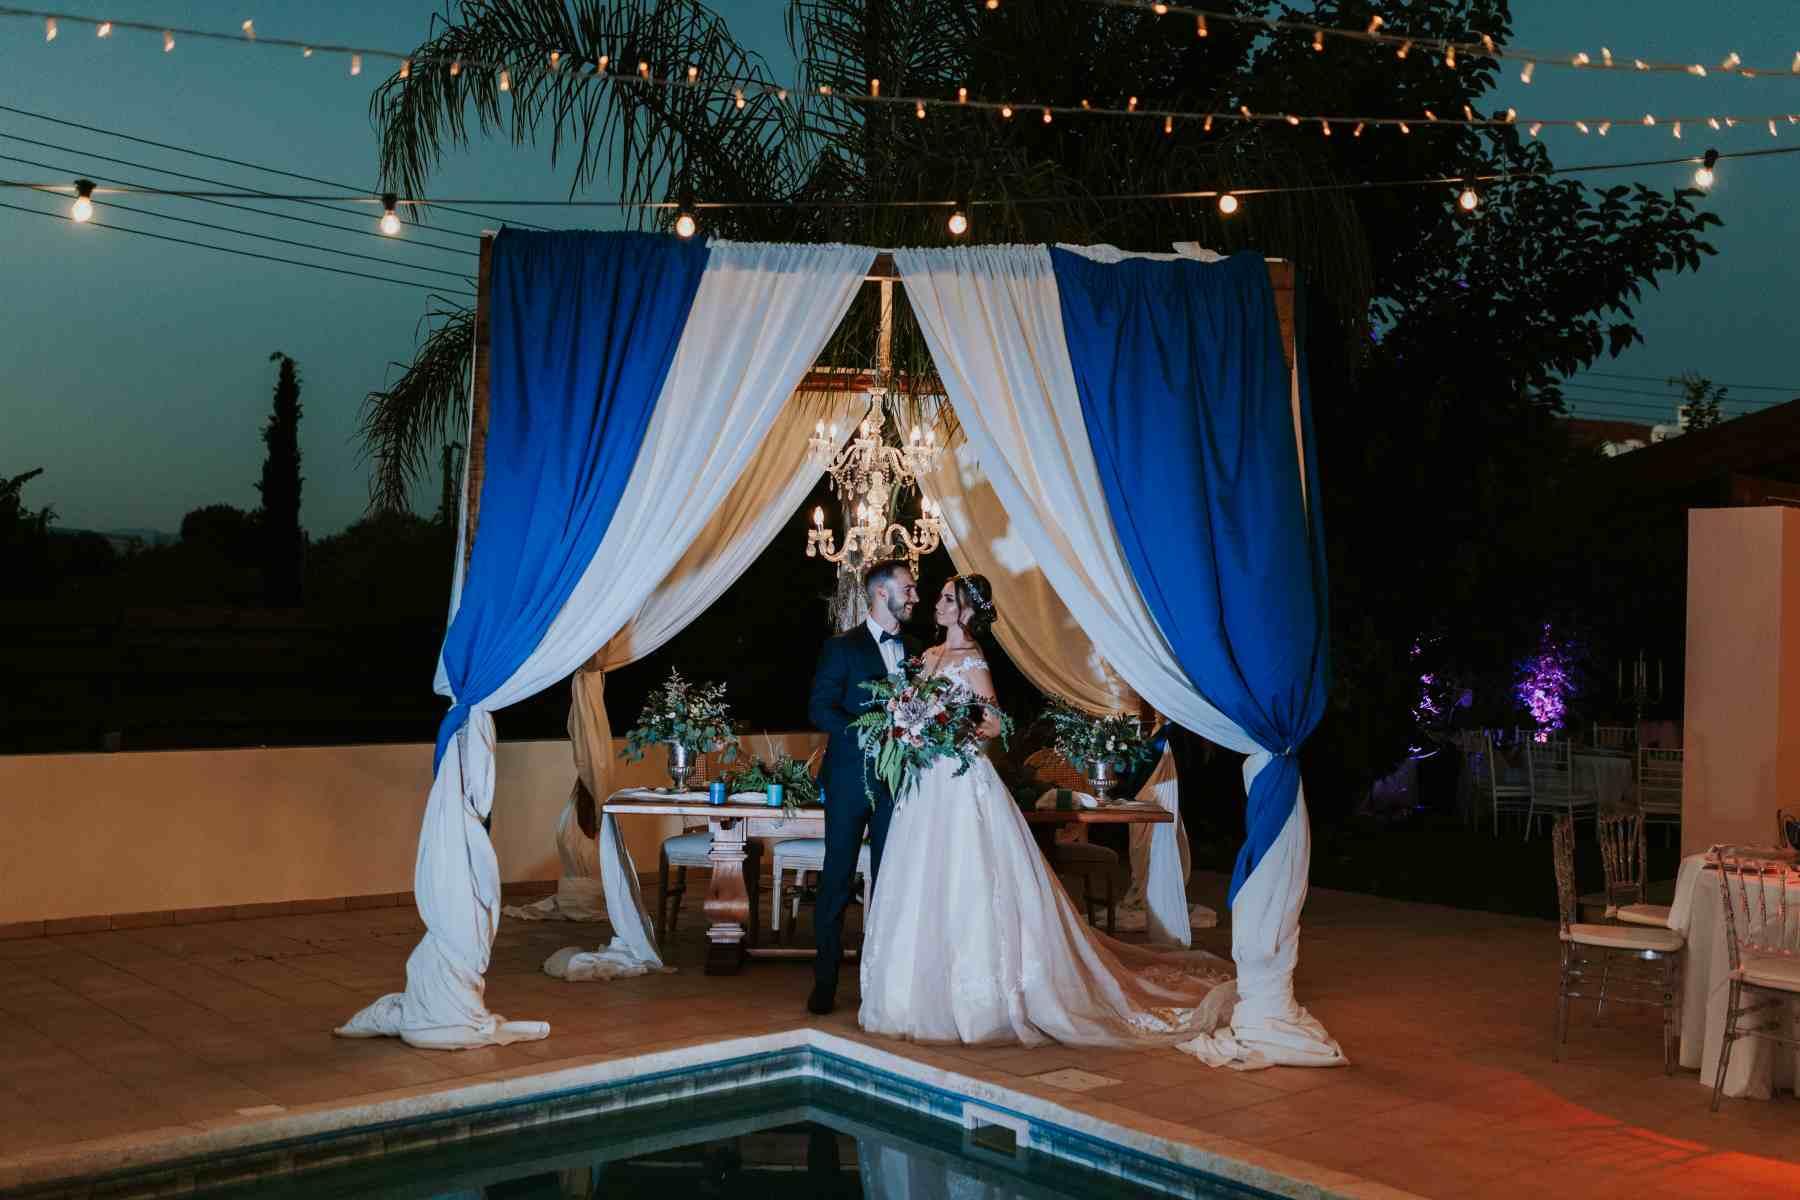 Villa Wedding at Villa Fontana for 20 guests Wedding Package